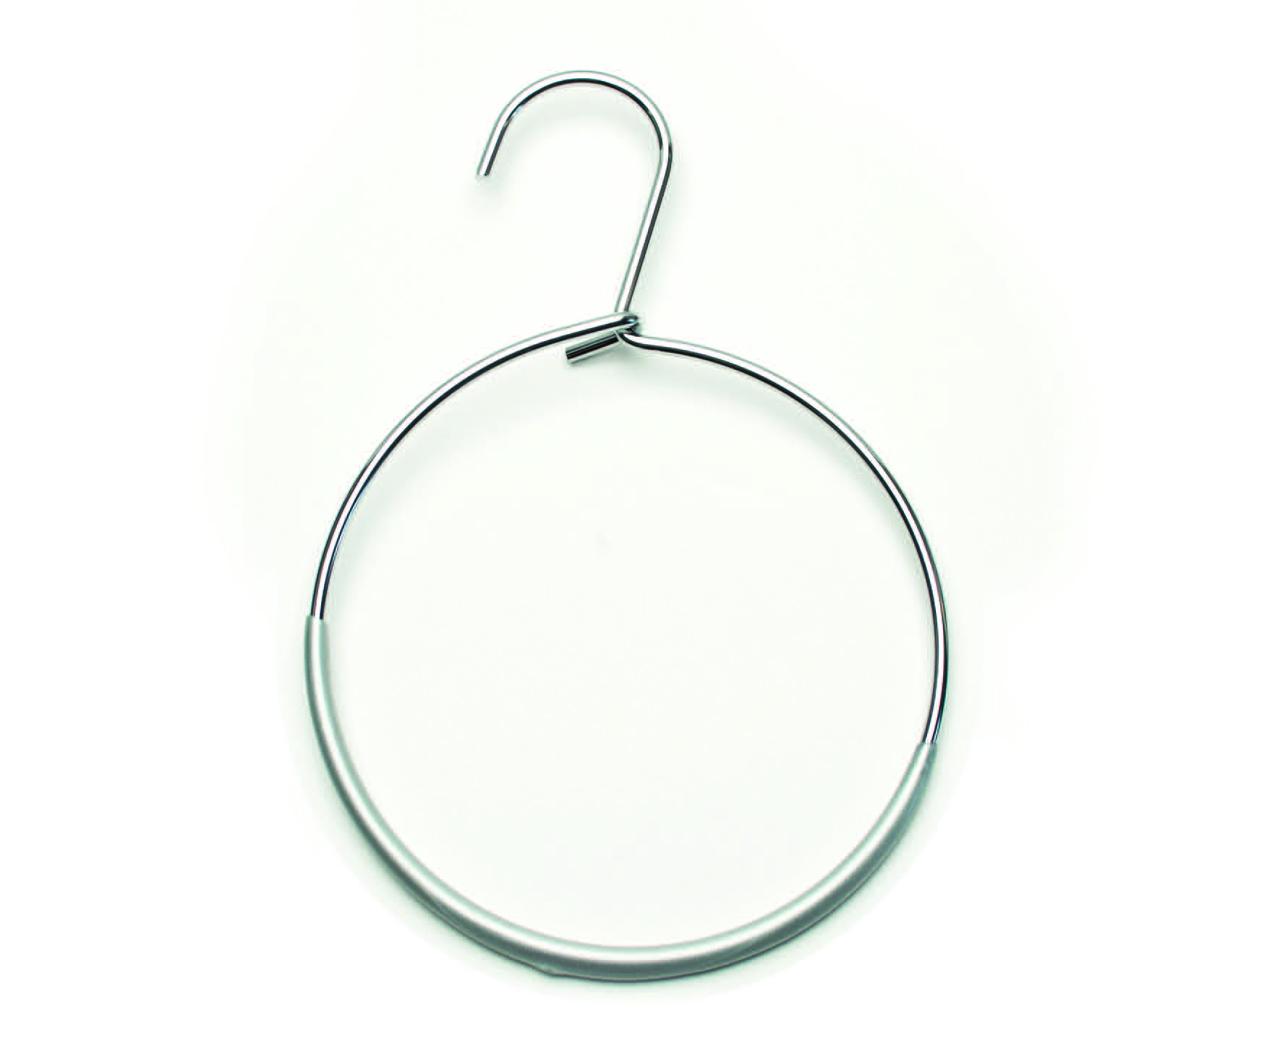 MAWA Ringbügel mit Haken